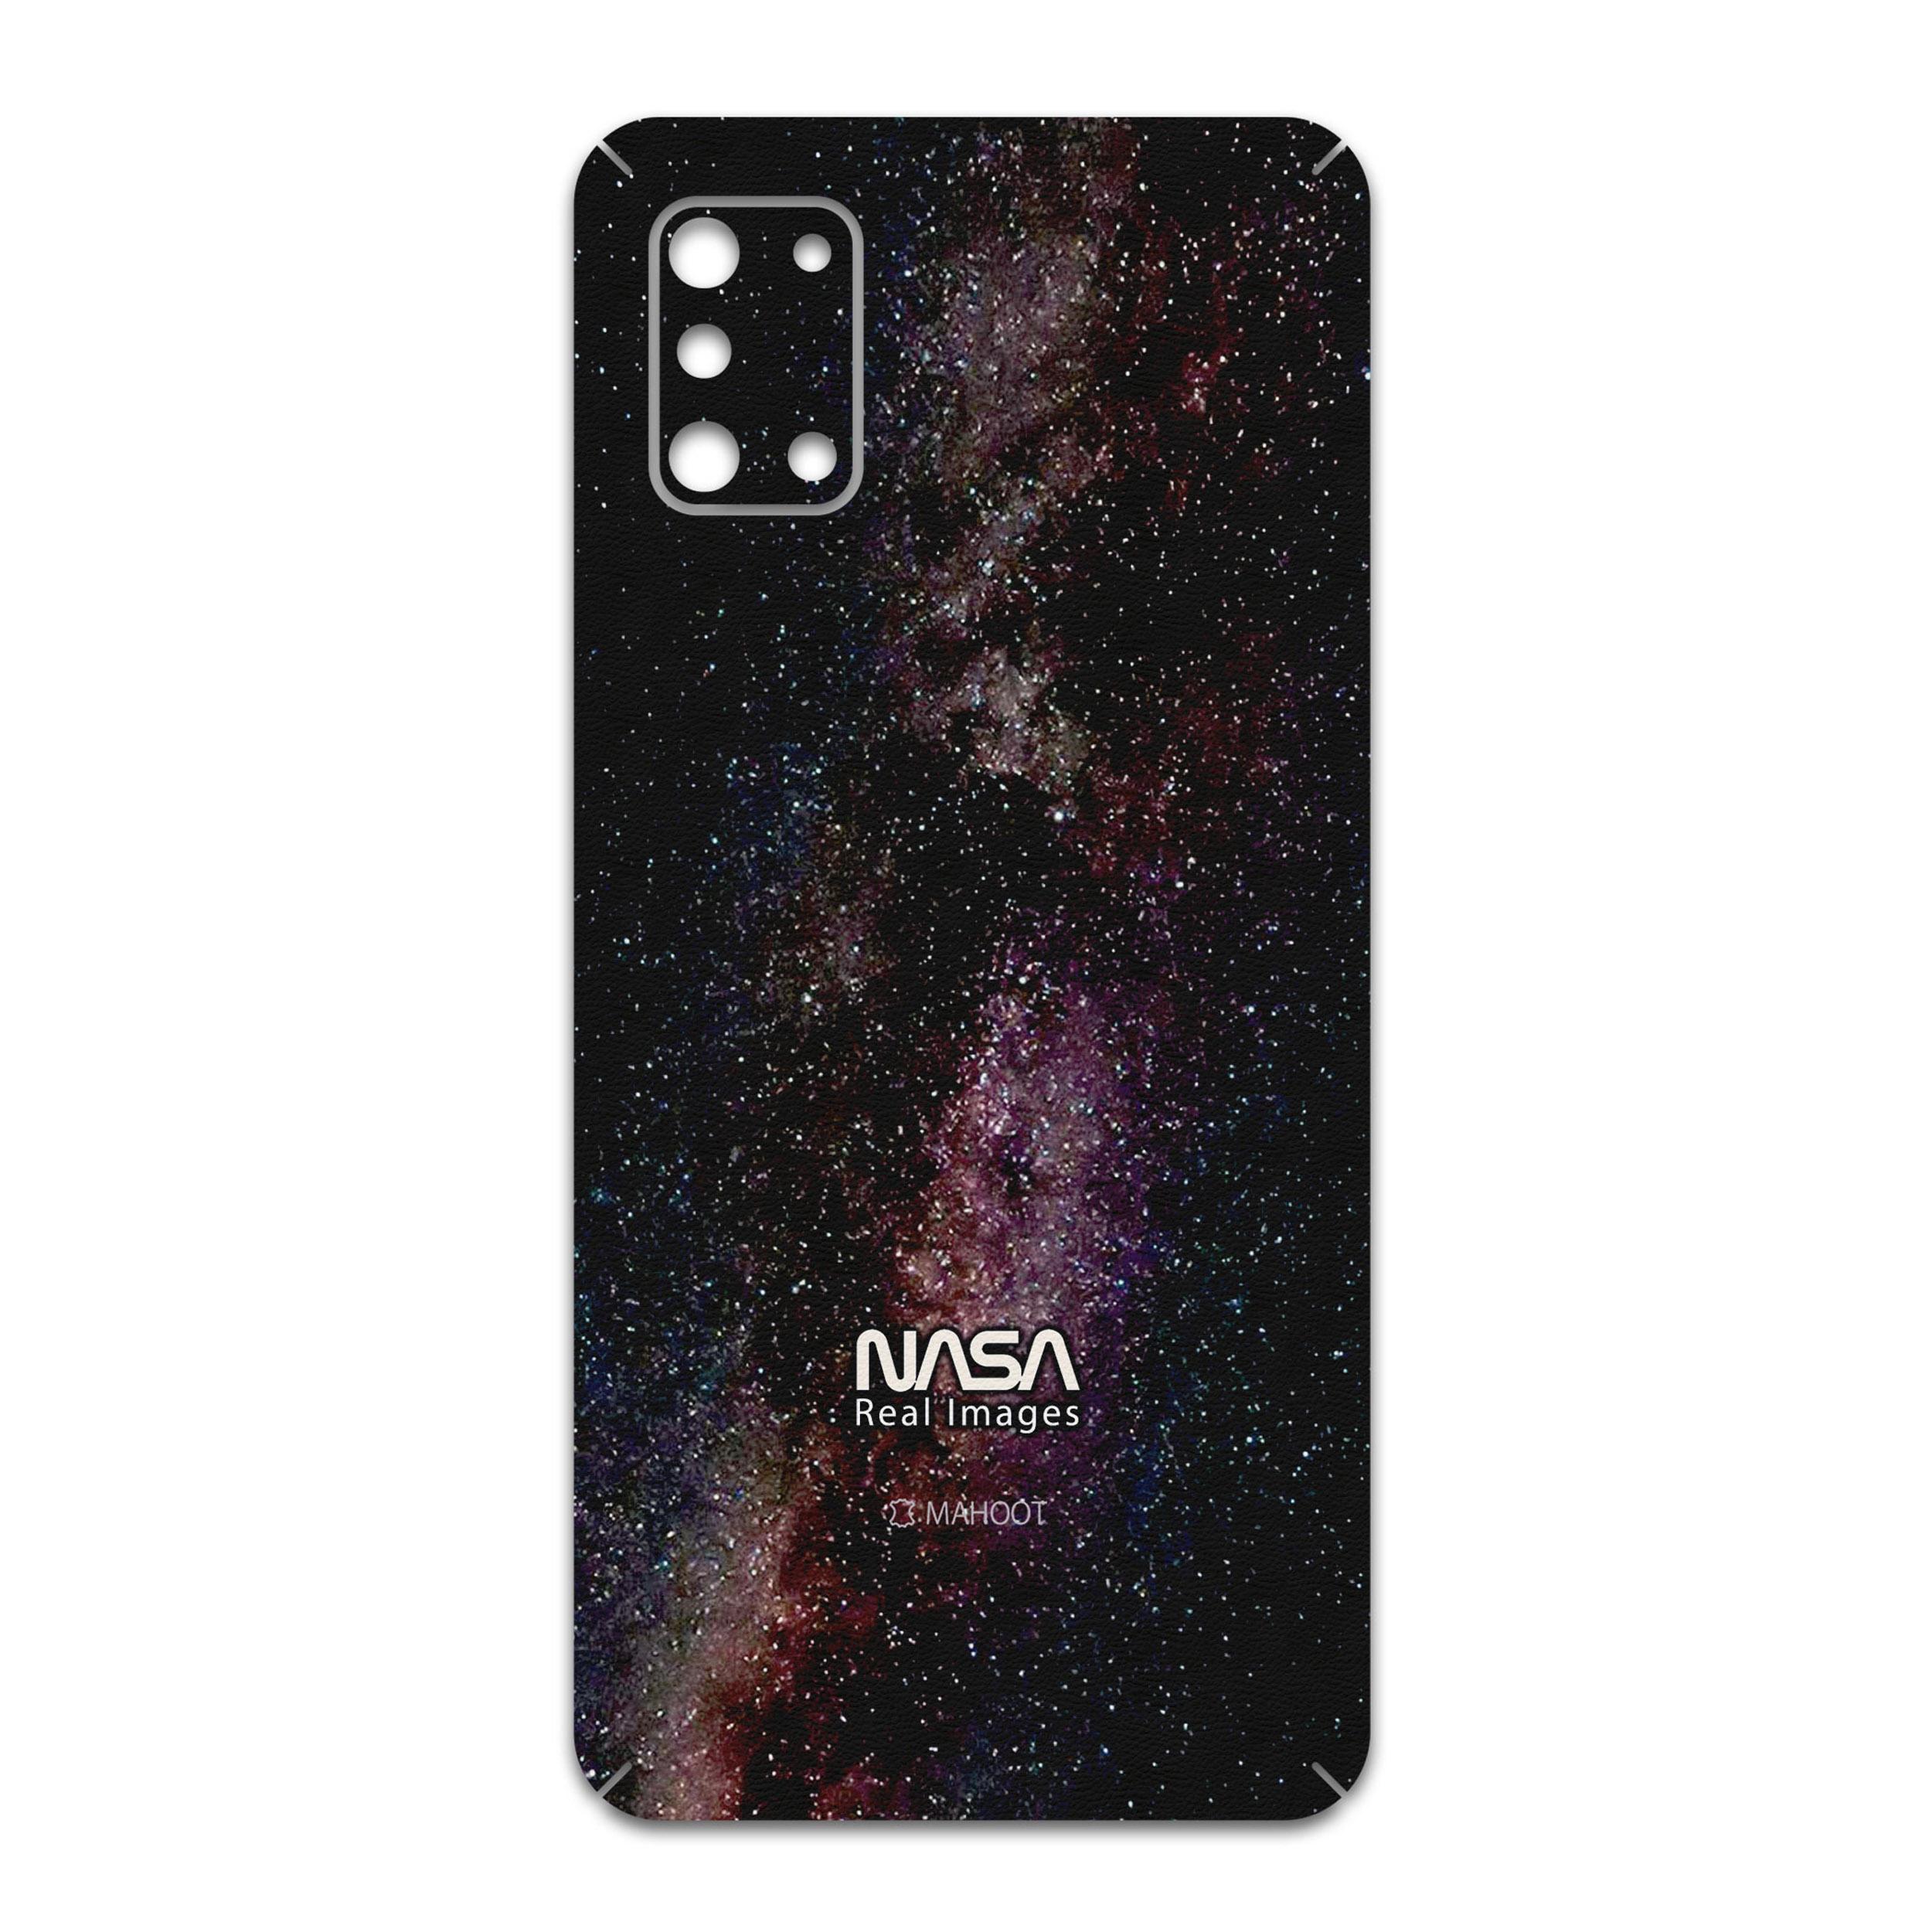 برچسب پوششی ماهوت مدل Universe-by-NASA-2 مناسب برای گوشی موبایل سامسونگ Galaxy A31